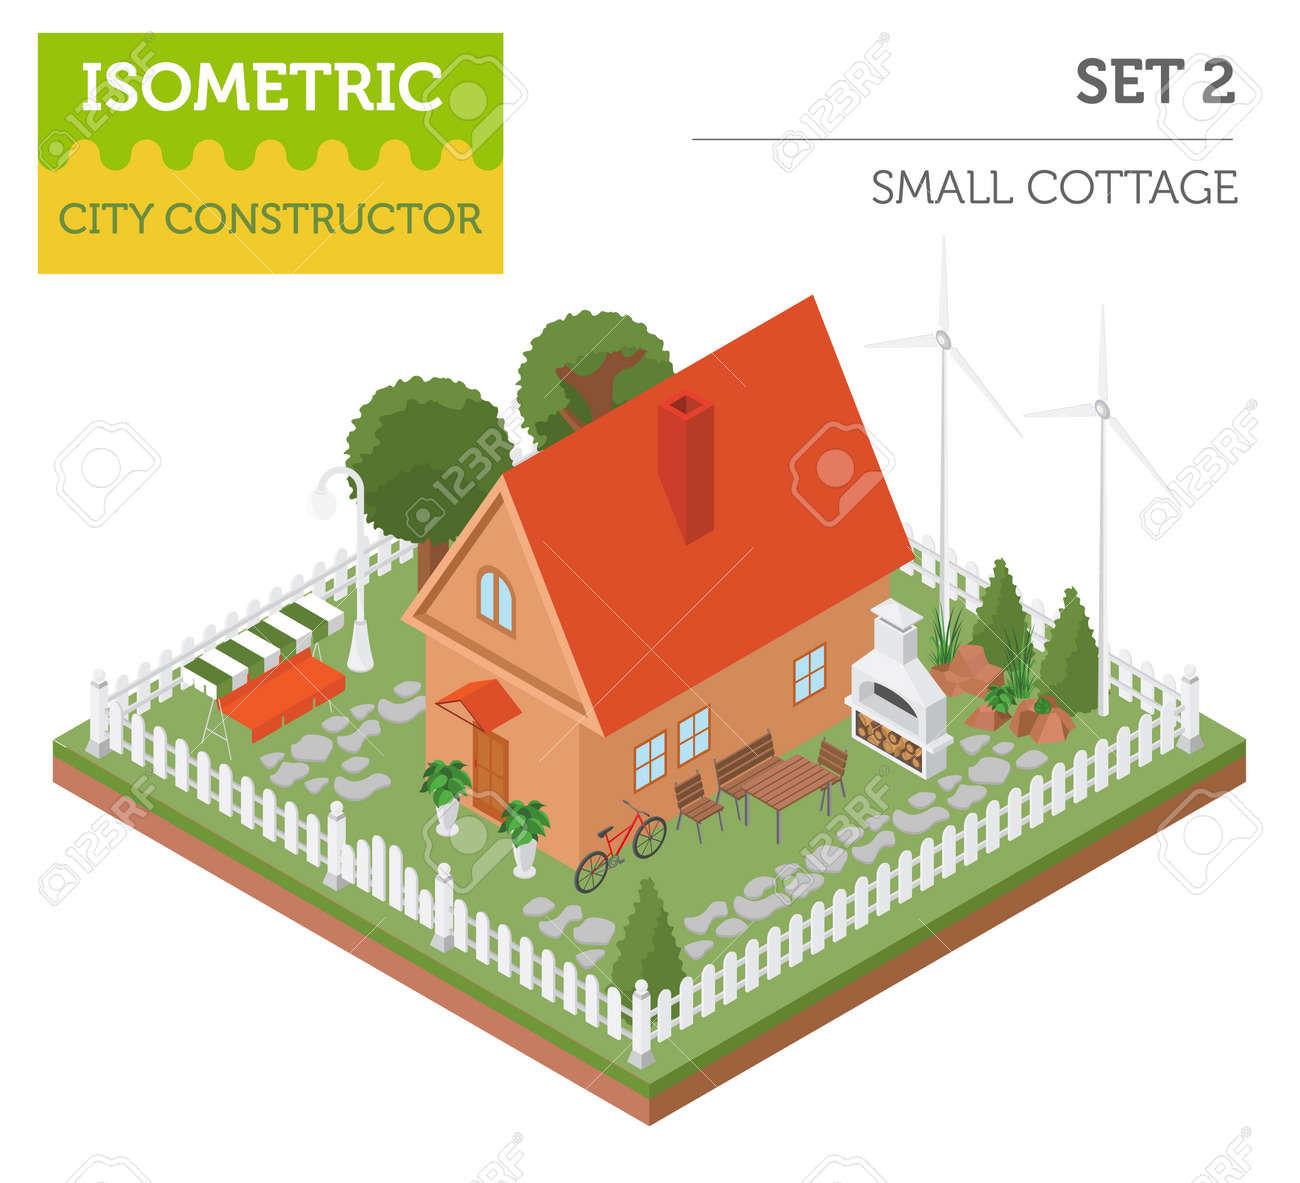 Standard Bild   Wohnung 3d Isometrische Haus Und Stadtplan Konstrukteur  Elemente Wie Gebäude, BBQ, Garten, Natur Isoliert Auf Weiß. Erstellen Sie  Ihre ...